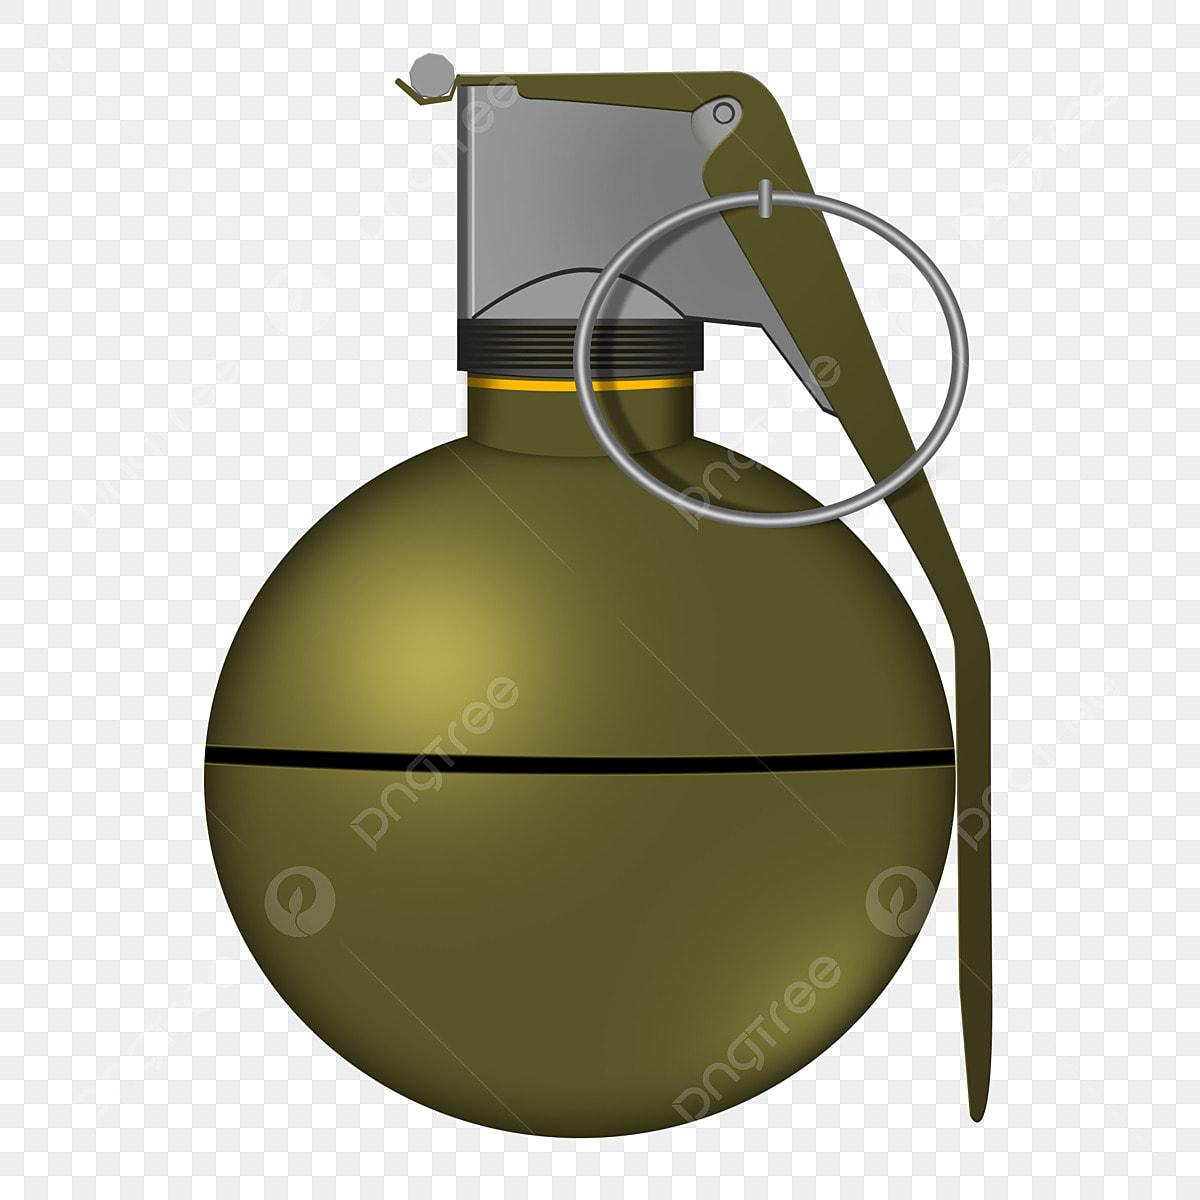 gambar bom bom bom senjata png dan psd untuk muat turun percuma https ms pngtree com freepng bomb 873103 html